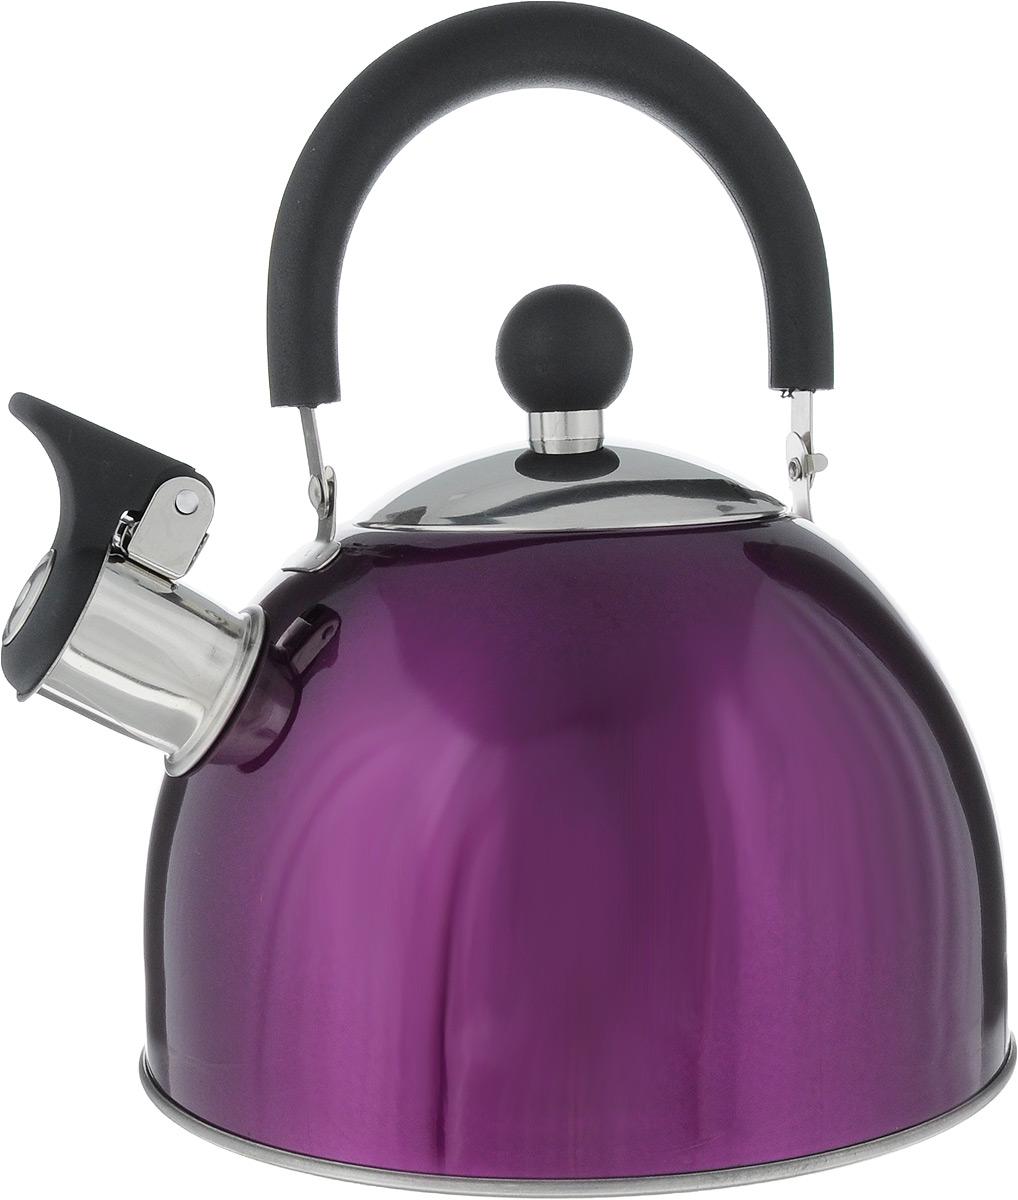 Чайник Bekker, со свистком, цвет: фиолетовый, 2 л. BK-S579BK-S579_фиолетовыйЧайник Bekker выполнен из высококачественной нержавеющей стали, что обеспечивает долговечность использования. Внешнее цветное глянцевое покрытие придает изделию изысканный вид. Подвижная нейлоновая ручка делает использование чайника очень удобным и безопасным. Чайник снабжен откидным свистком, который подскажет, когда закипела вода. Изделие имеет капсулированное дно для лучшего распределения тепла. Не рекомендуется мыть в посудомоечной машине. Пригоден для всех видов плит, включая индукционные. Высота чайника (без учета крышки и ручки): 11 см. Диаметр отверстия: 9 см.